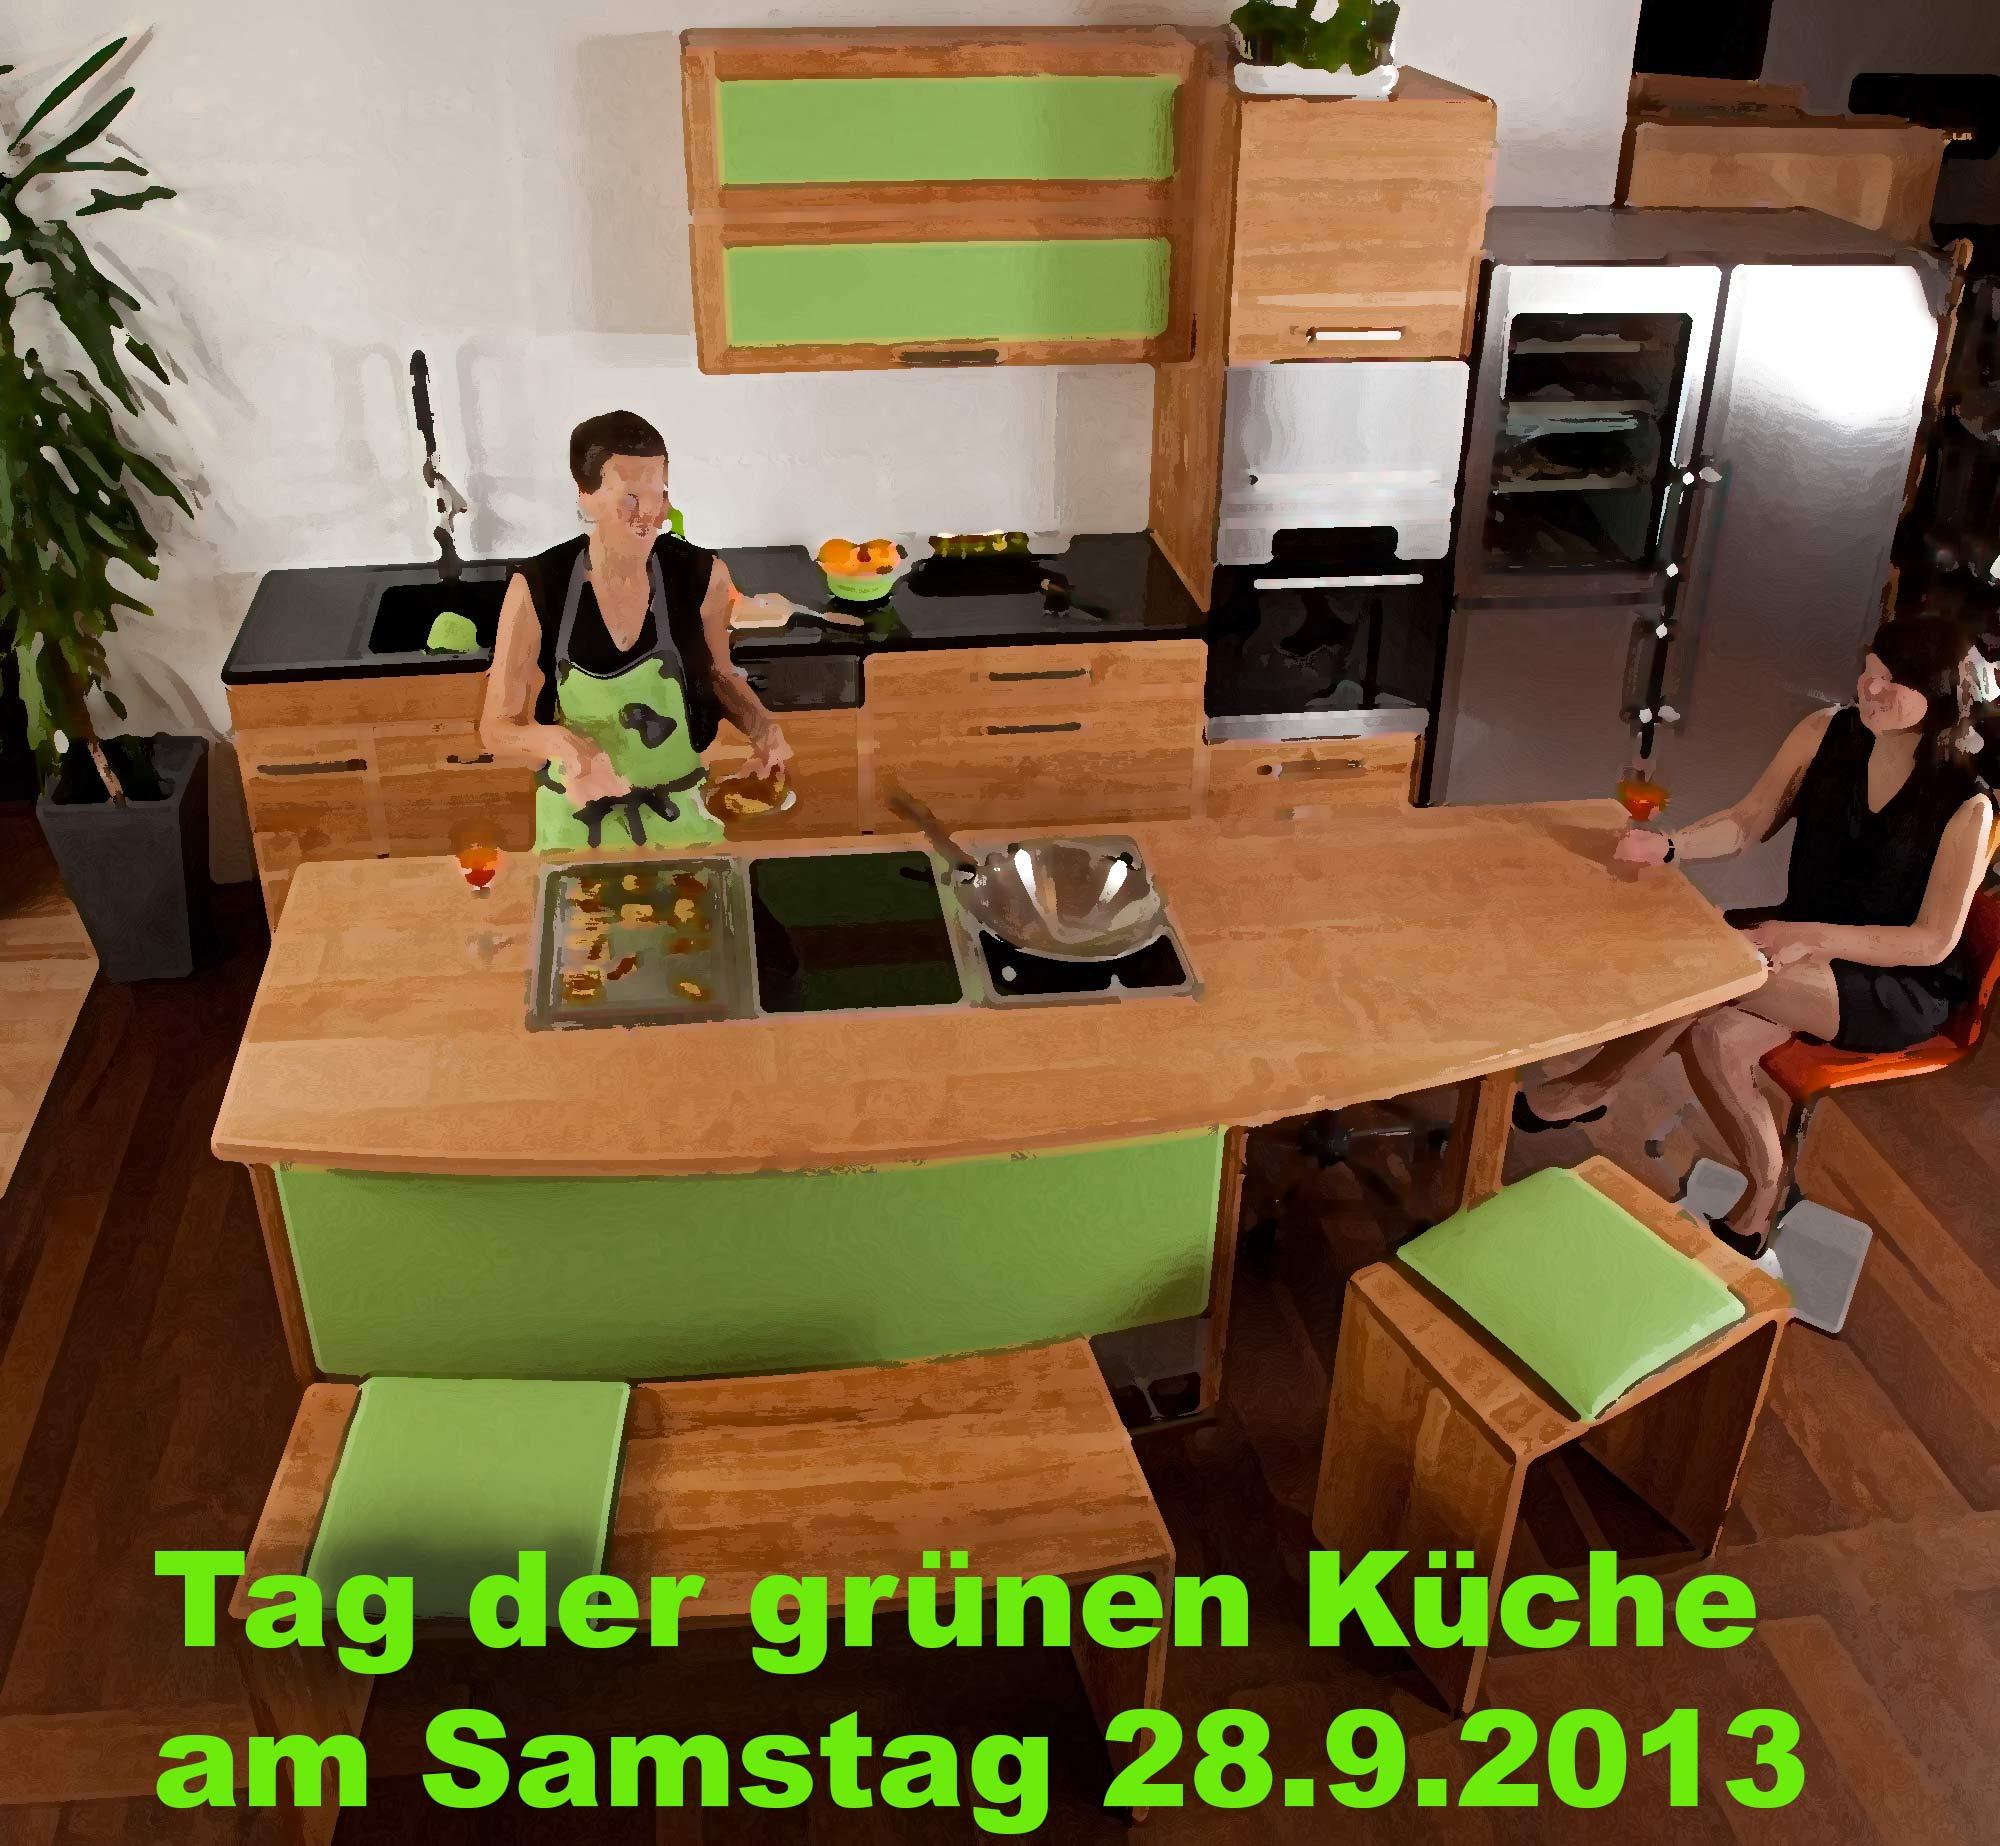 Von 10 Bis 16 Uhr Können Sie Bei Uns Alle Küchen Auf Herz Und Nieren,